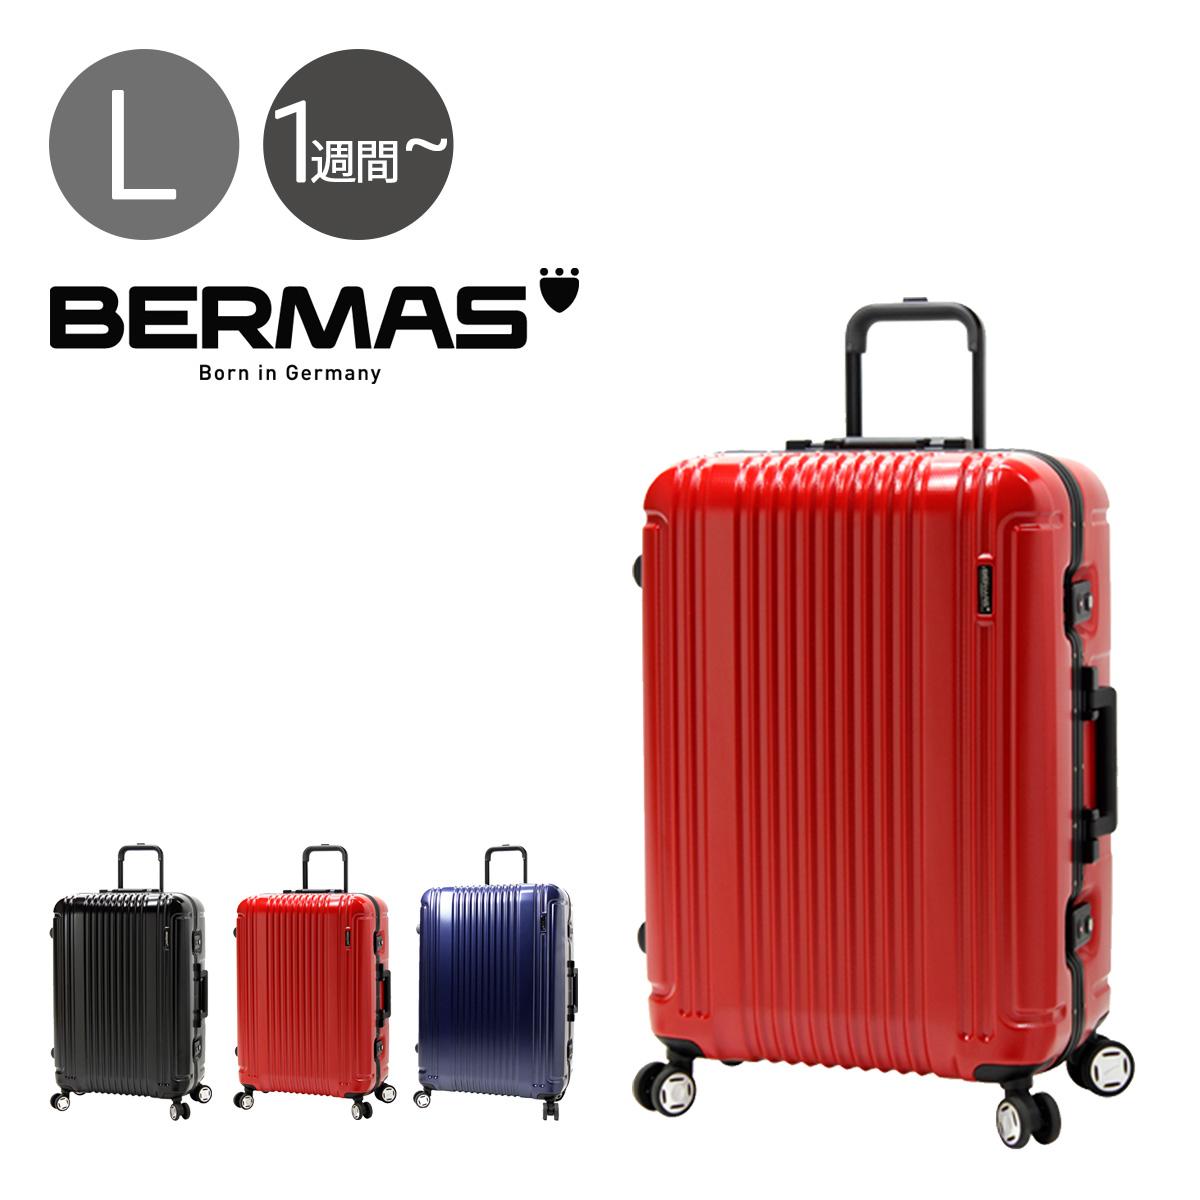 バーマス スーツケース 87L 67cm 5.4kg ハード フレーム プレステージIII メンズ レディース 60282 BERMAS | キャリーケース TSAロック搭載 HINOMOTO【PO10】